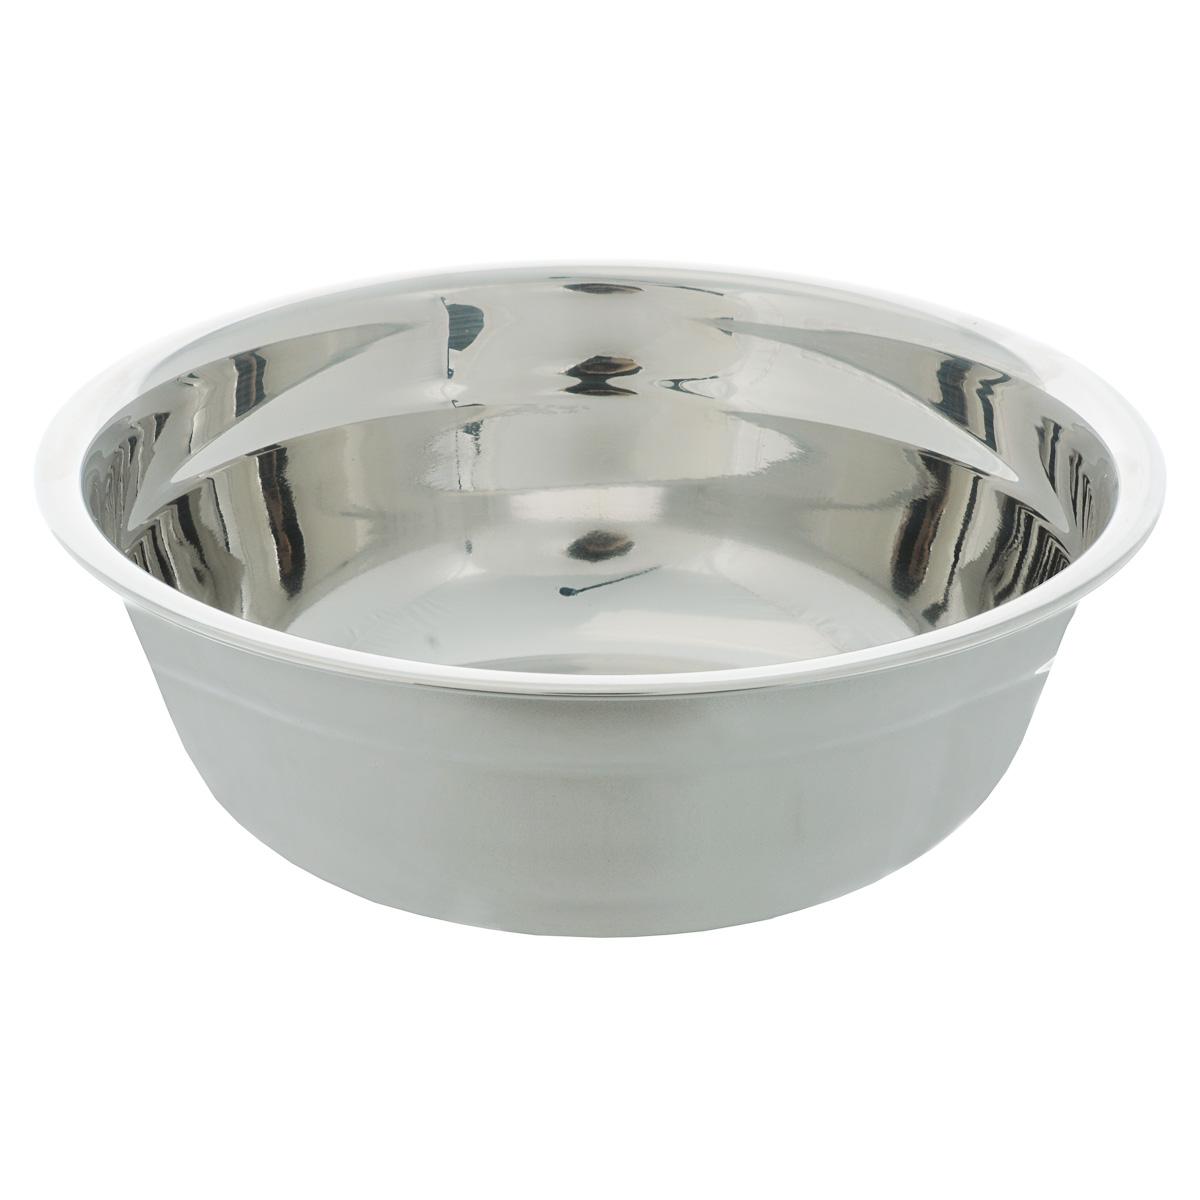 Миска глубокая Tatonka Deep Bowl, 1,6 л4034.000Глубокая миска Tatonka Deep Bowl с широкими краями выполнена из высококачественной нержавеющей стали. Может быть использована для приготовления пищи. Отлично подойдет для горячих блюд. Диаметр по верхнему краю: 19 см. Диаметр по дну: 11,5 см. Высота: 6,5 см.